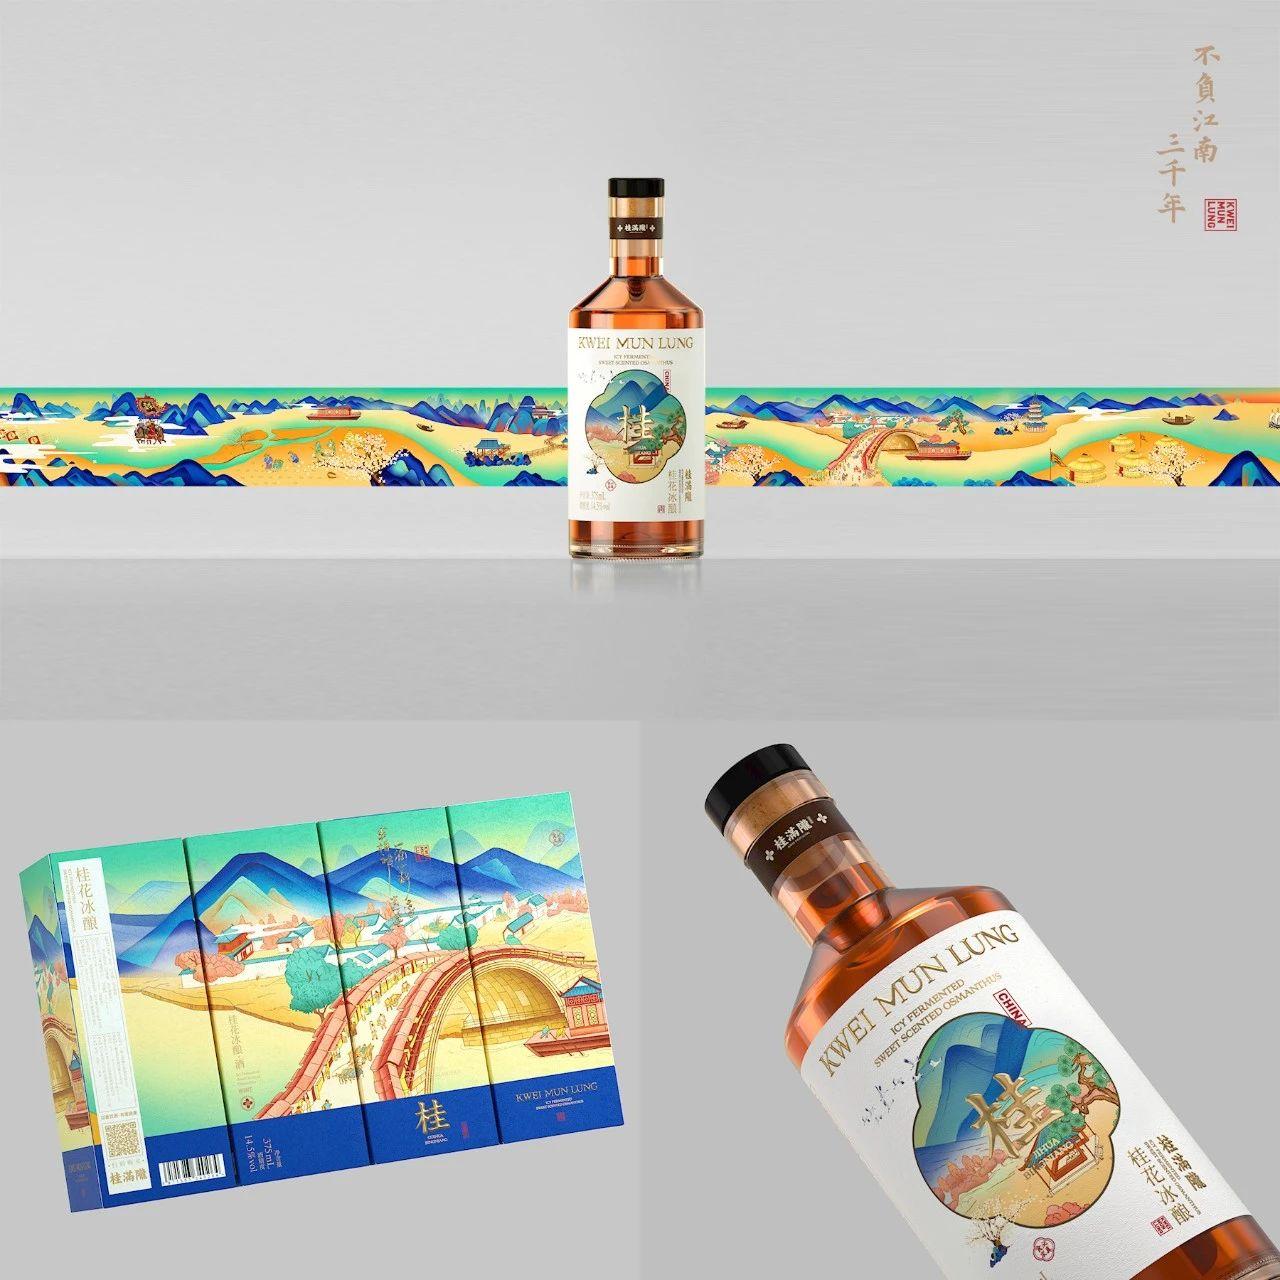 國潮風包裝設計桂花冰釀_高瑞品牌_北京包裝設計公司